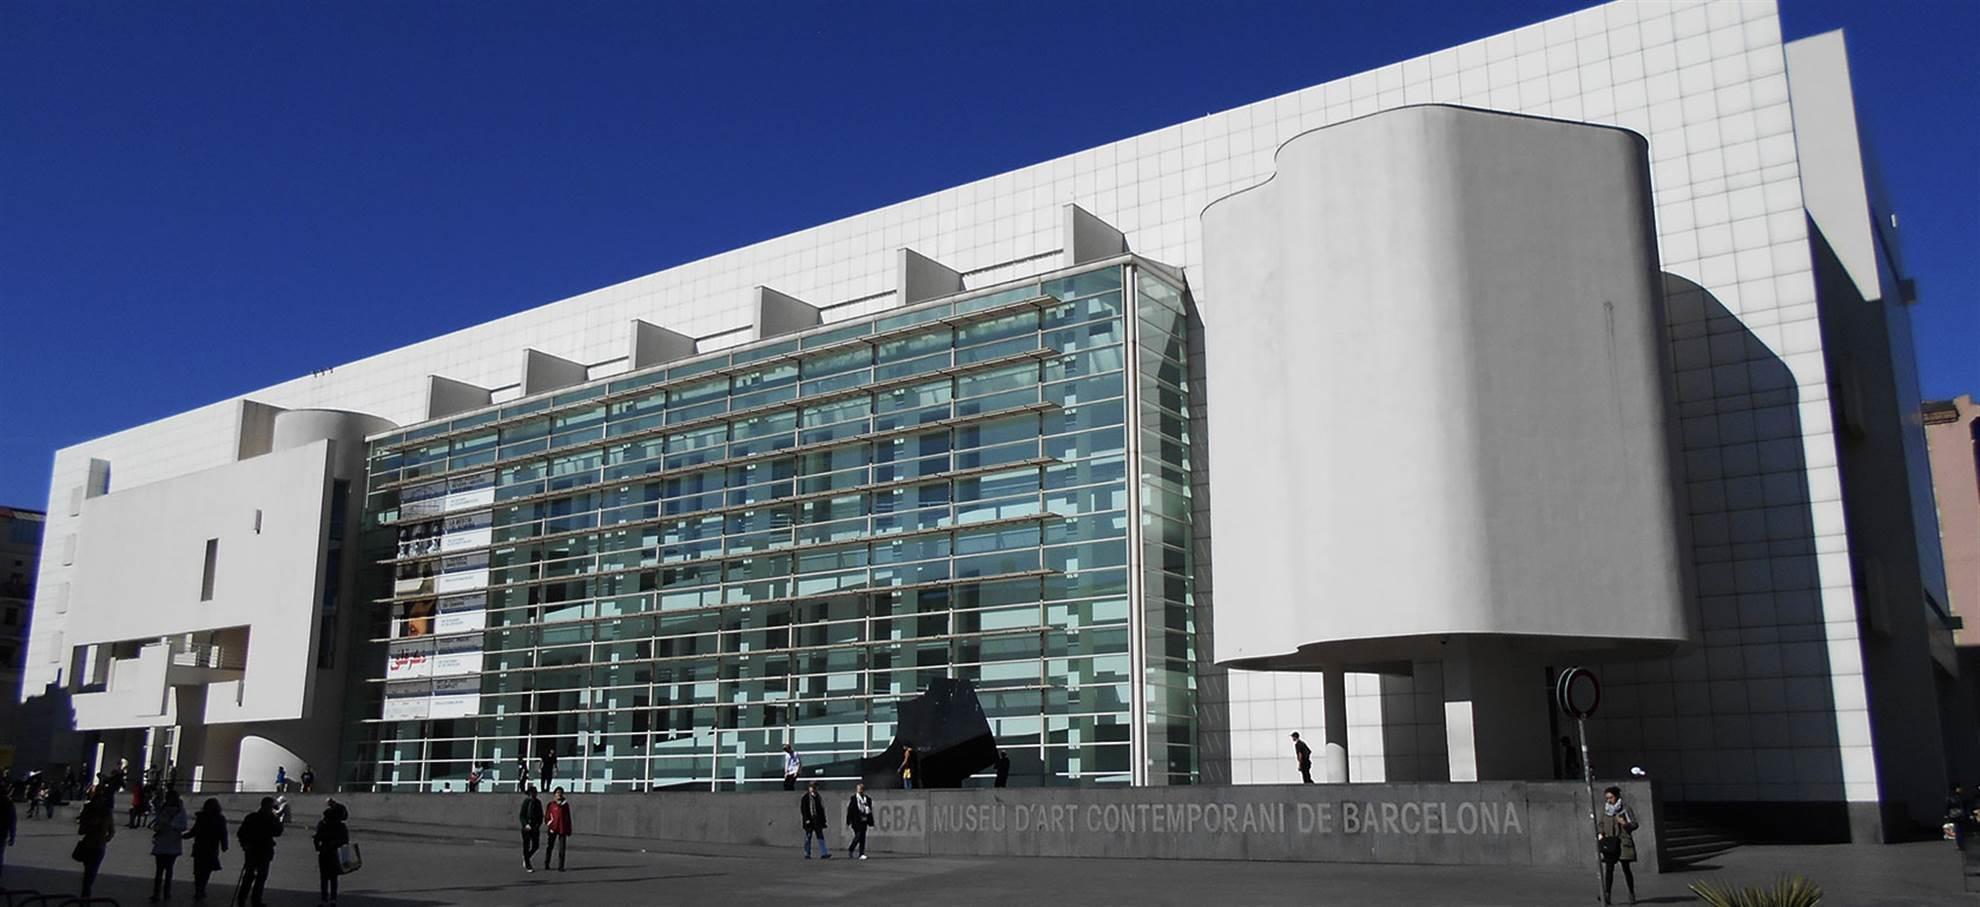 Barcelona Museum für zeitgenössische Kunst (MACBA)